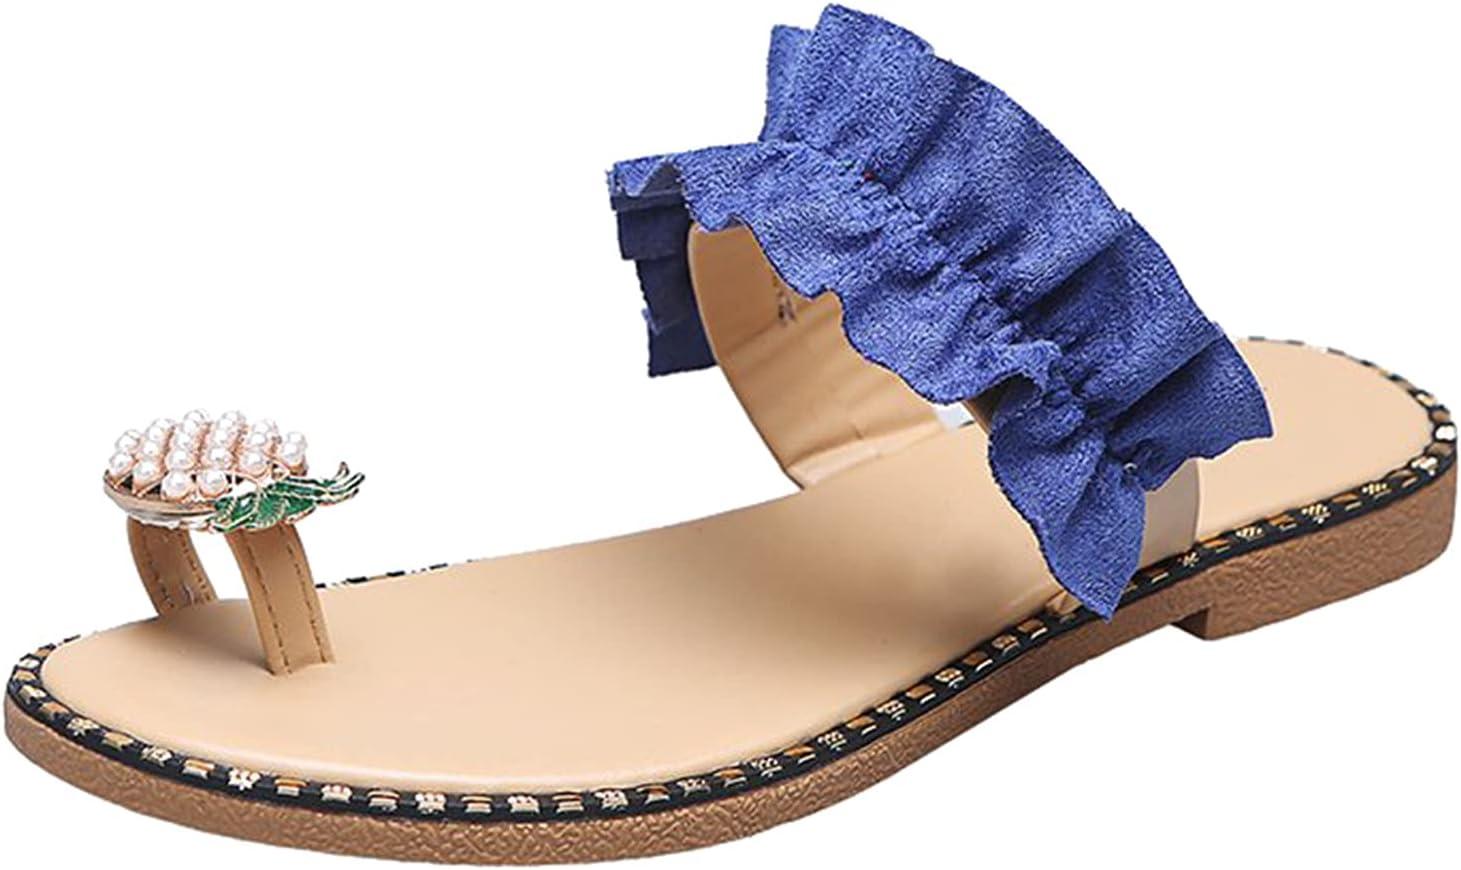 PLENTOP Pineapple Rhinestone Sandals for Women,Ring Toe Shiny Flip Flops Slip-On Slide Single Band Non-Slip Flat Slippers